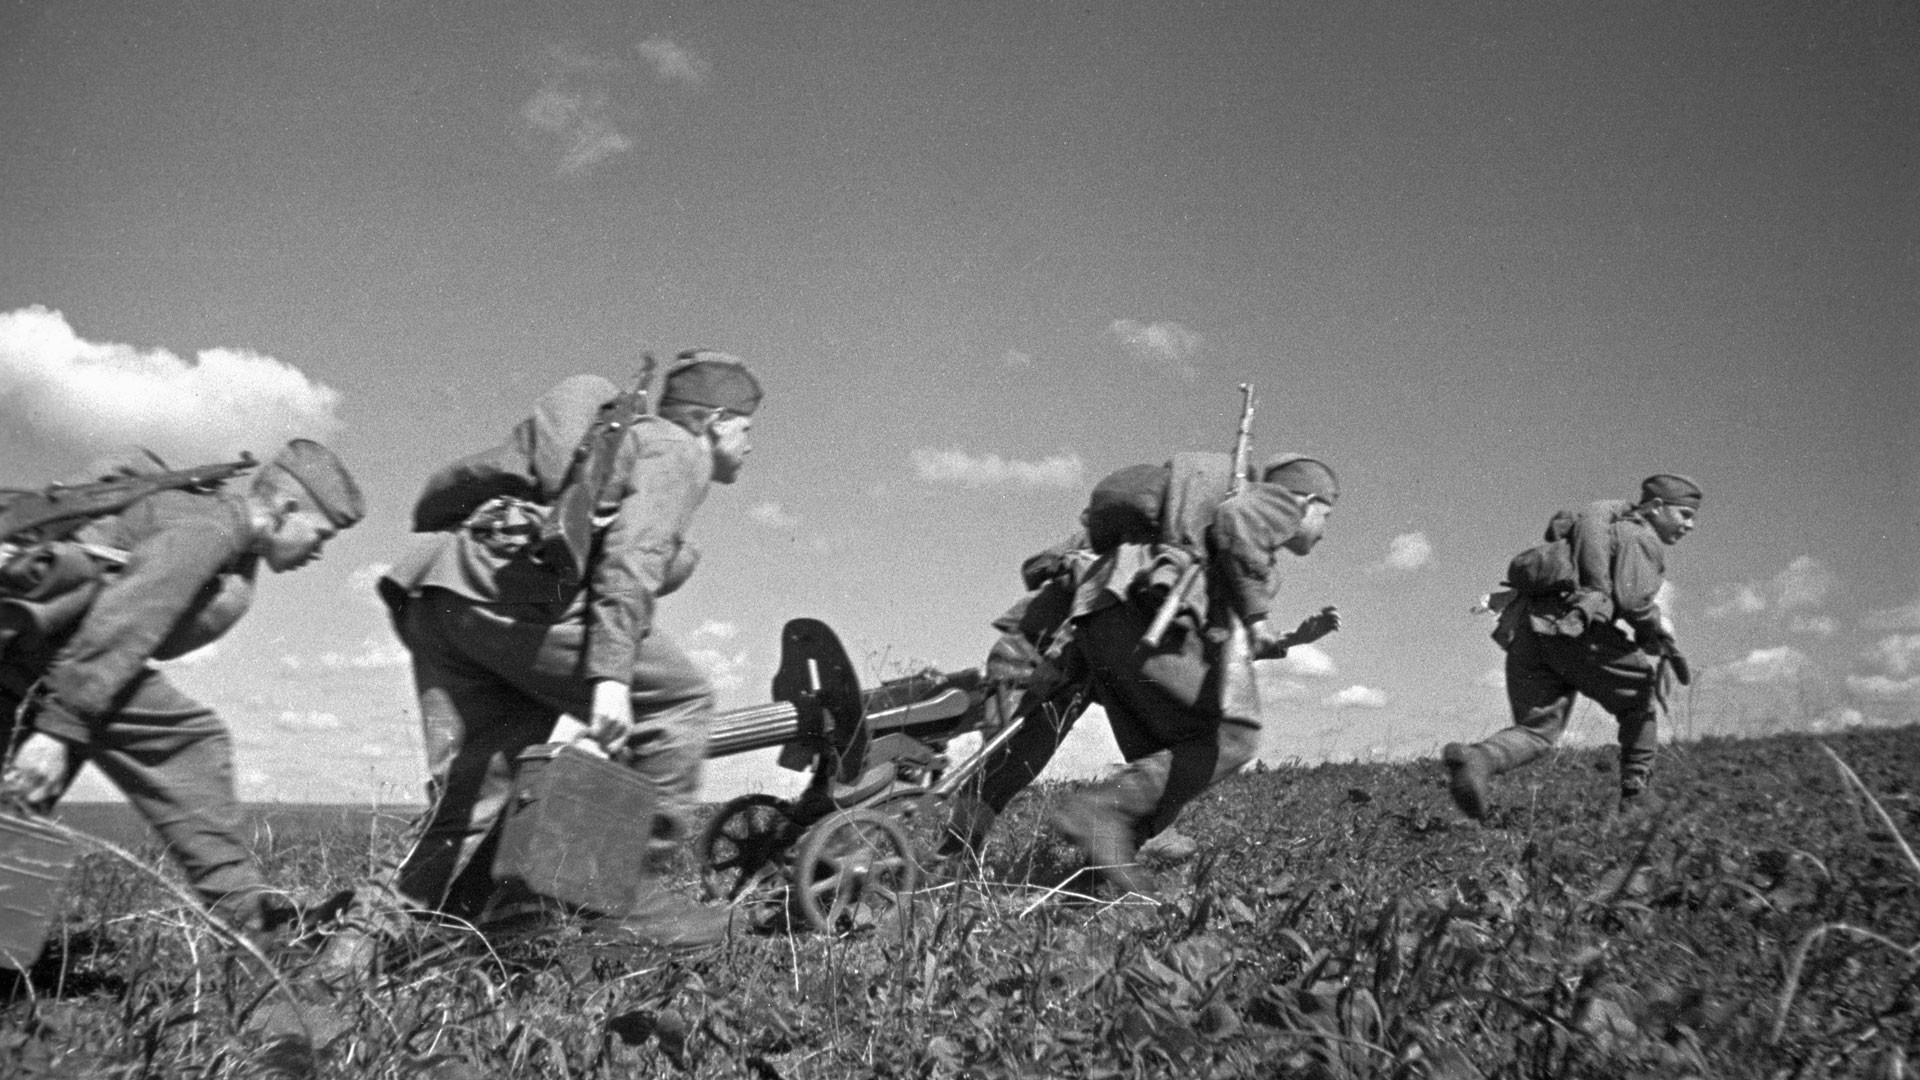 Пулемётный расчёт выдвигается на огневую позицию. Курская дуга. Фото: © РИА Новости / Фёдор Левшин